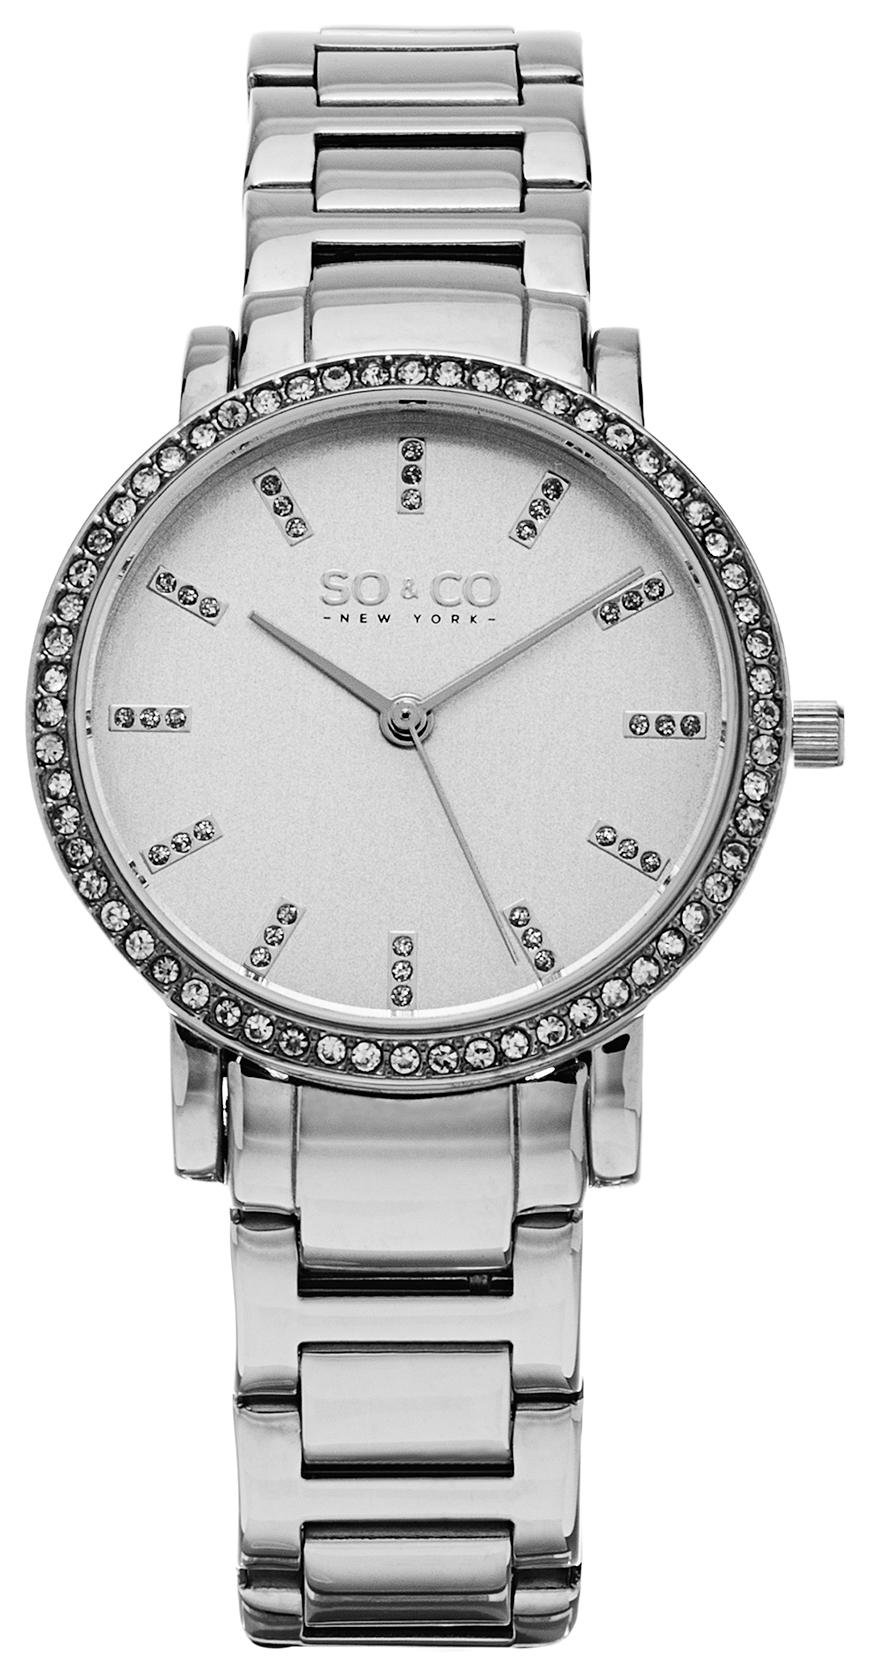 So & Co New York Madison Damklocka 5060.1 Silverfärgad/Stål